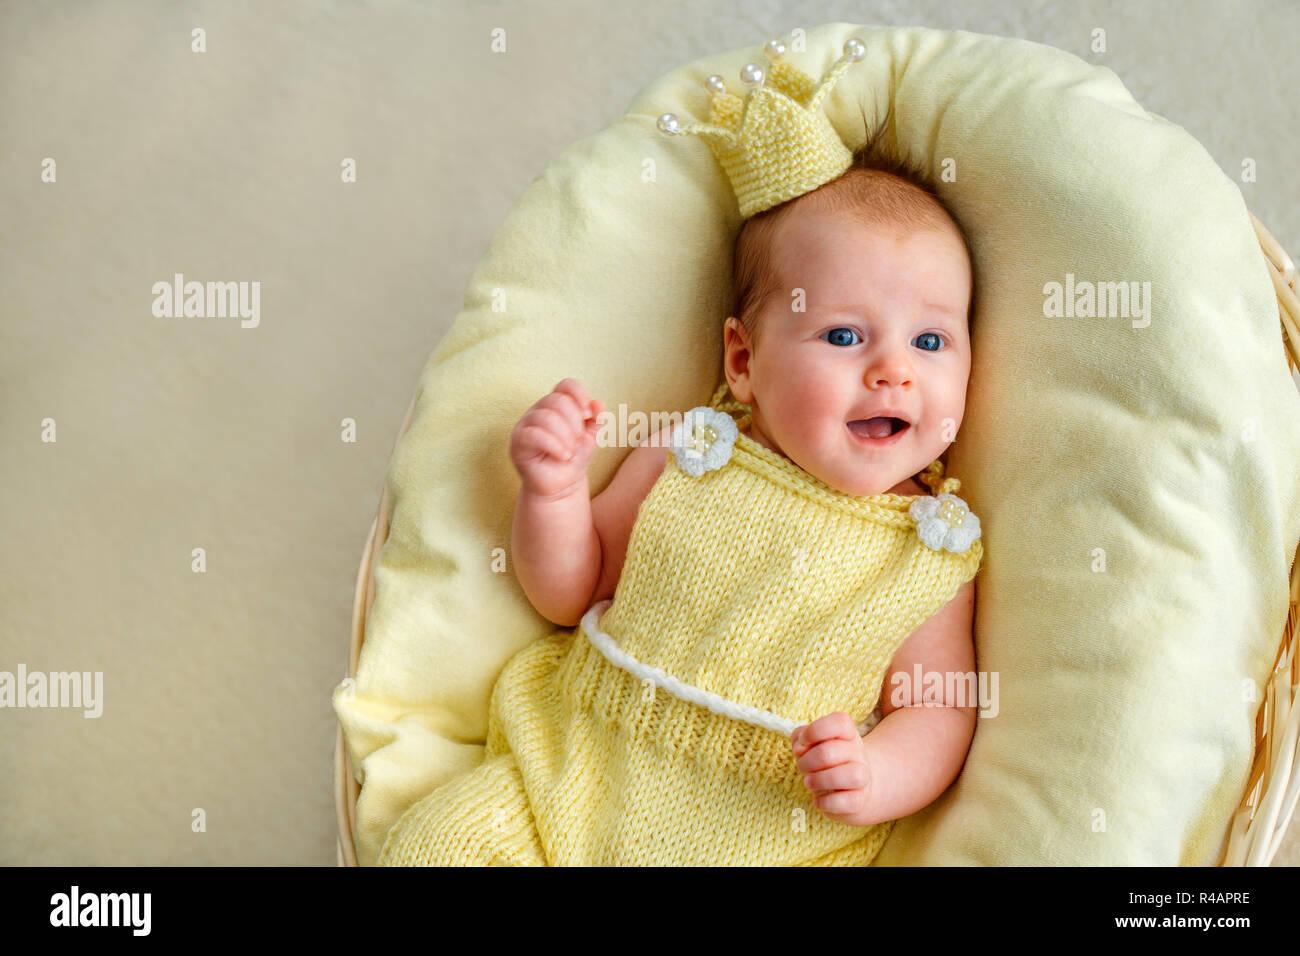 Niña recién nacido recostado en una cesta con corona y amarillo bodysuit  Imagen De Stock 4232a7fc4f9